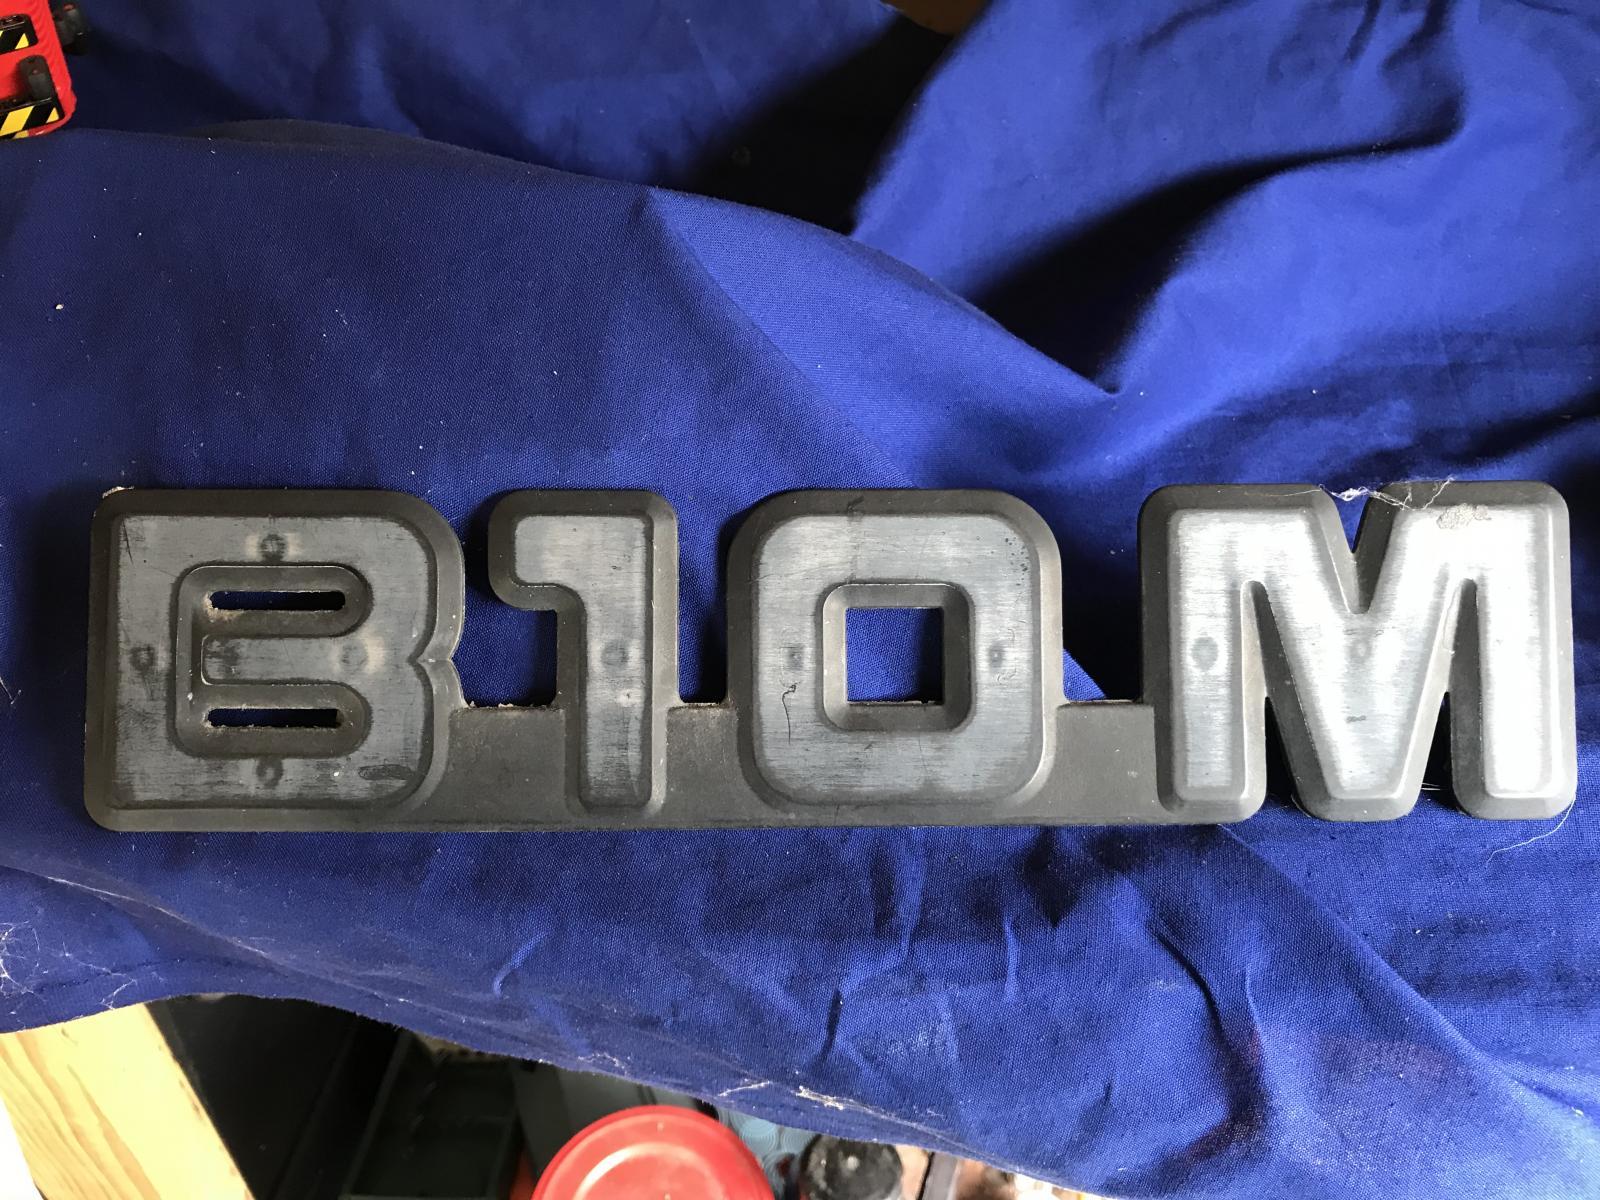 34AC519A-9D34-4140-ABB9-A6D1B38CC1EF.jpeg